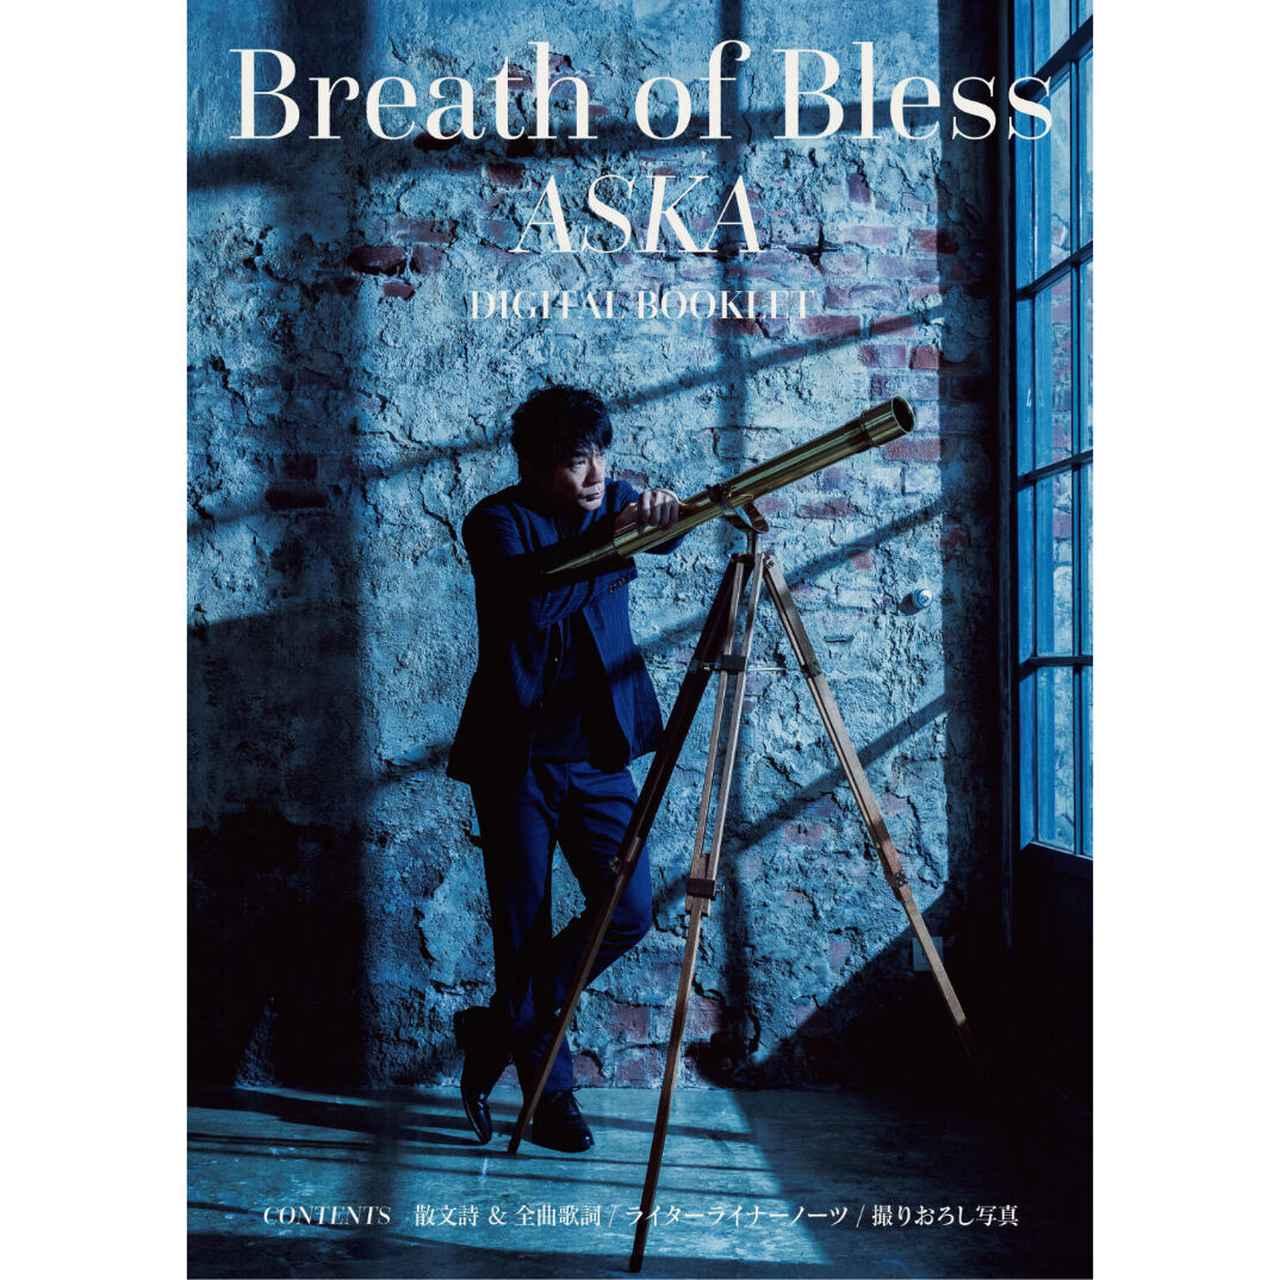 画像: 『Breath of Bless』デジタルブックレット